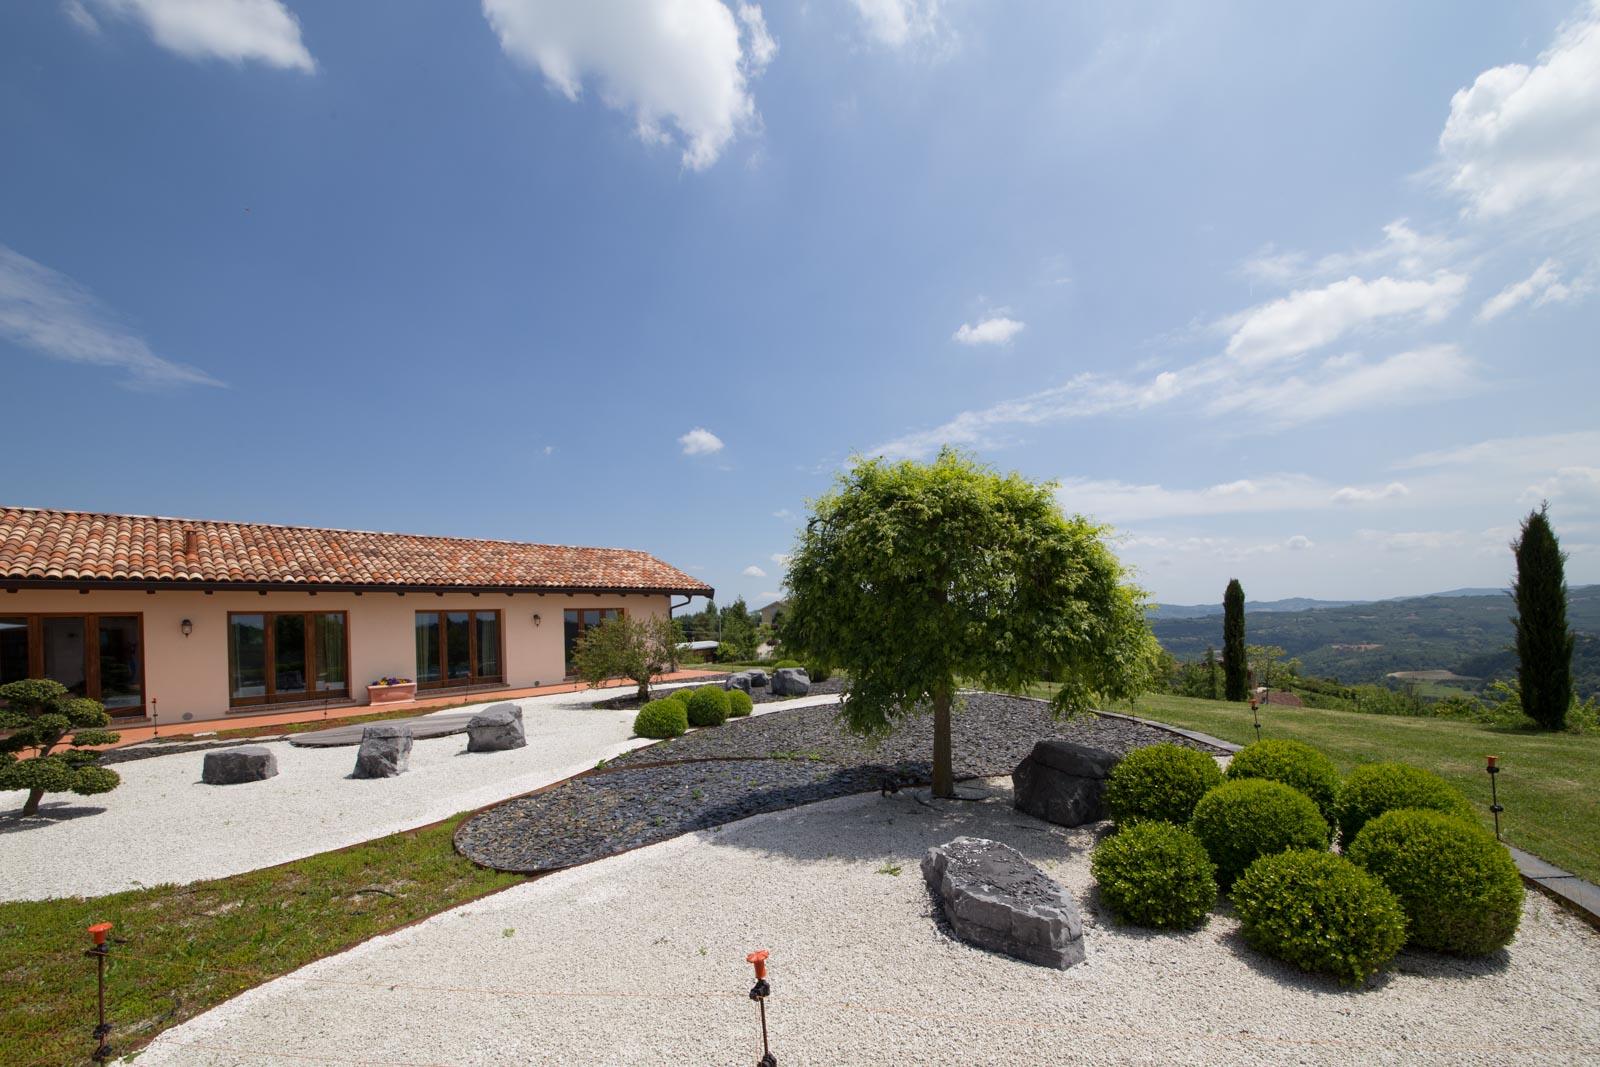 villa kaufen verkaufen in italien piemont cuneo moderne villa zu verkaufen mit pool und. Black Bedroom Furniture Sets. Home Design Ideas